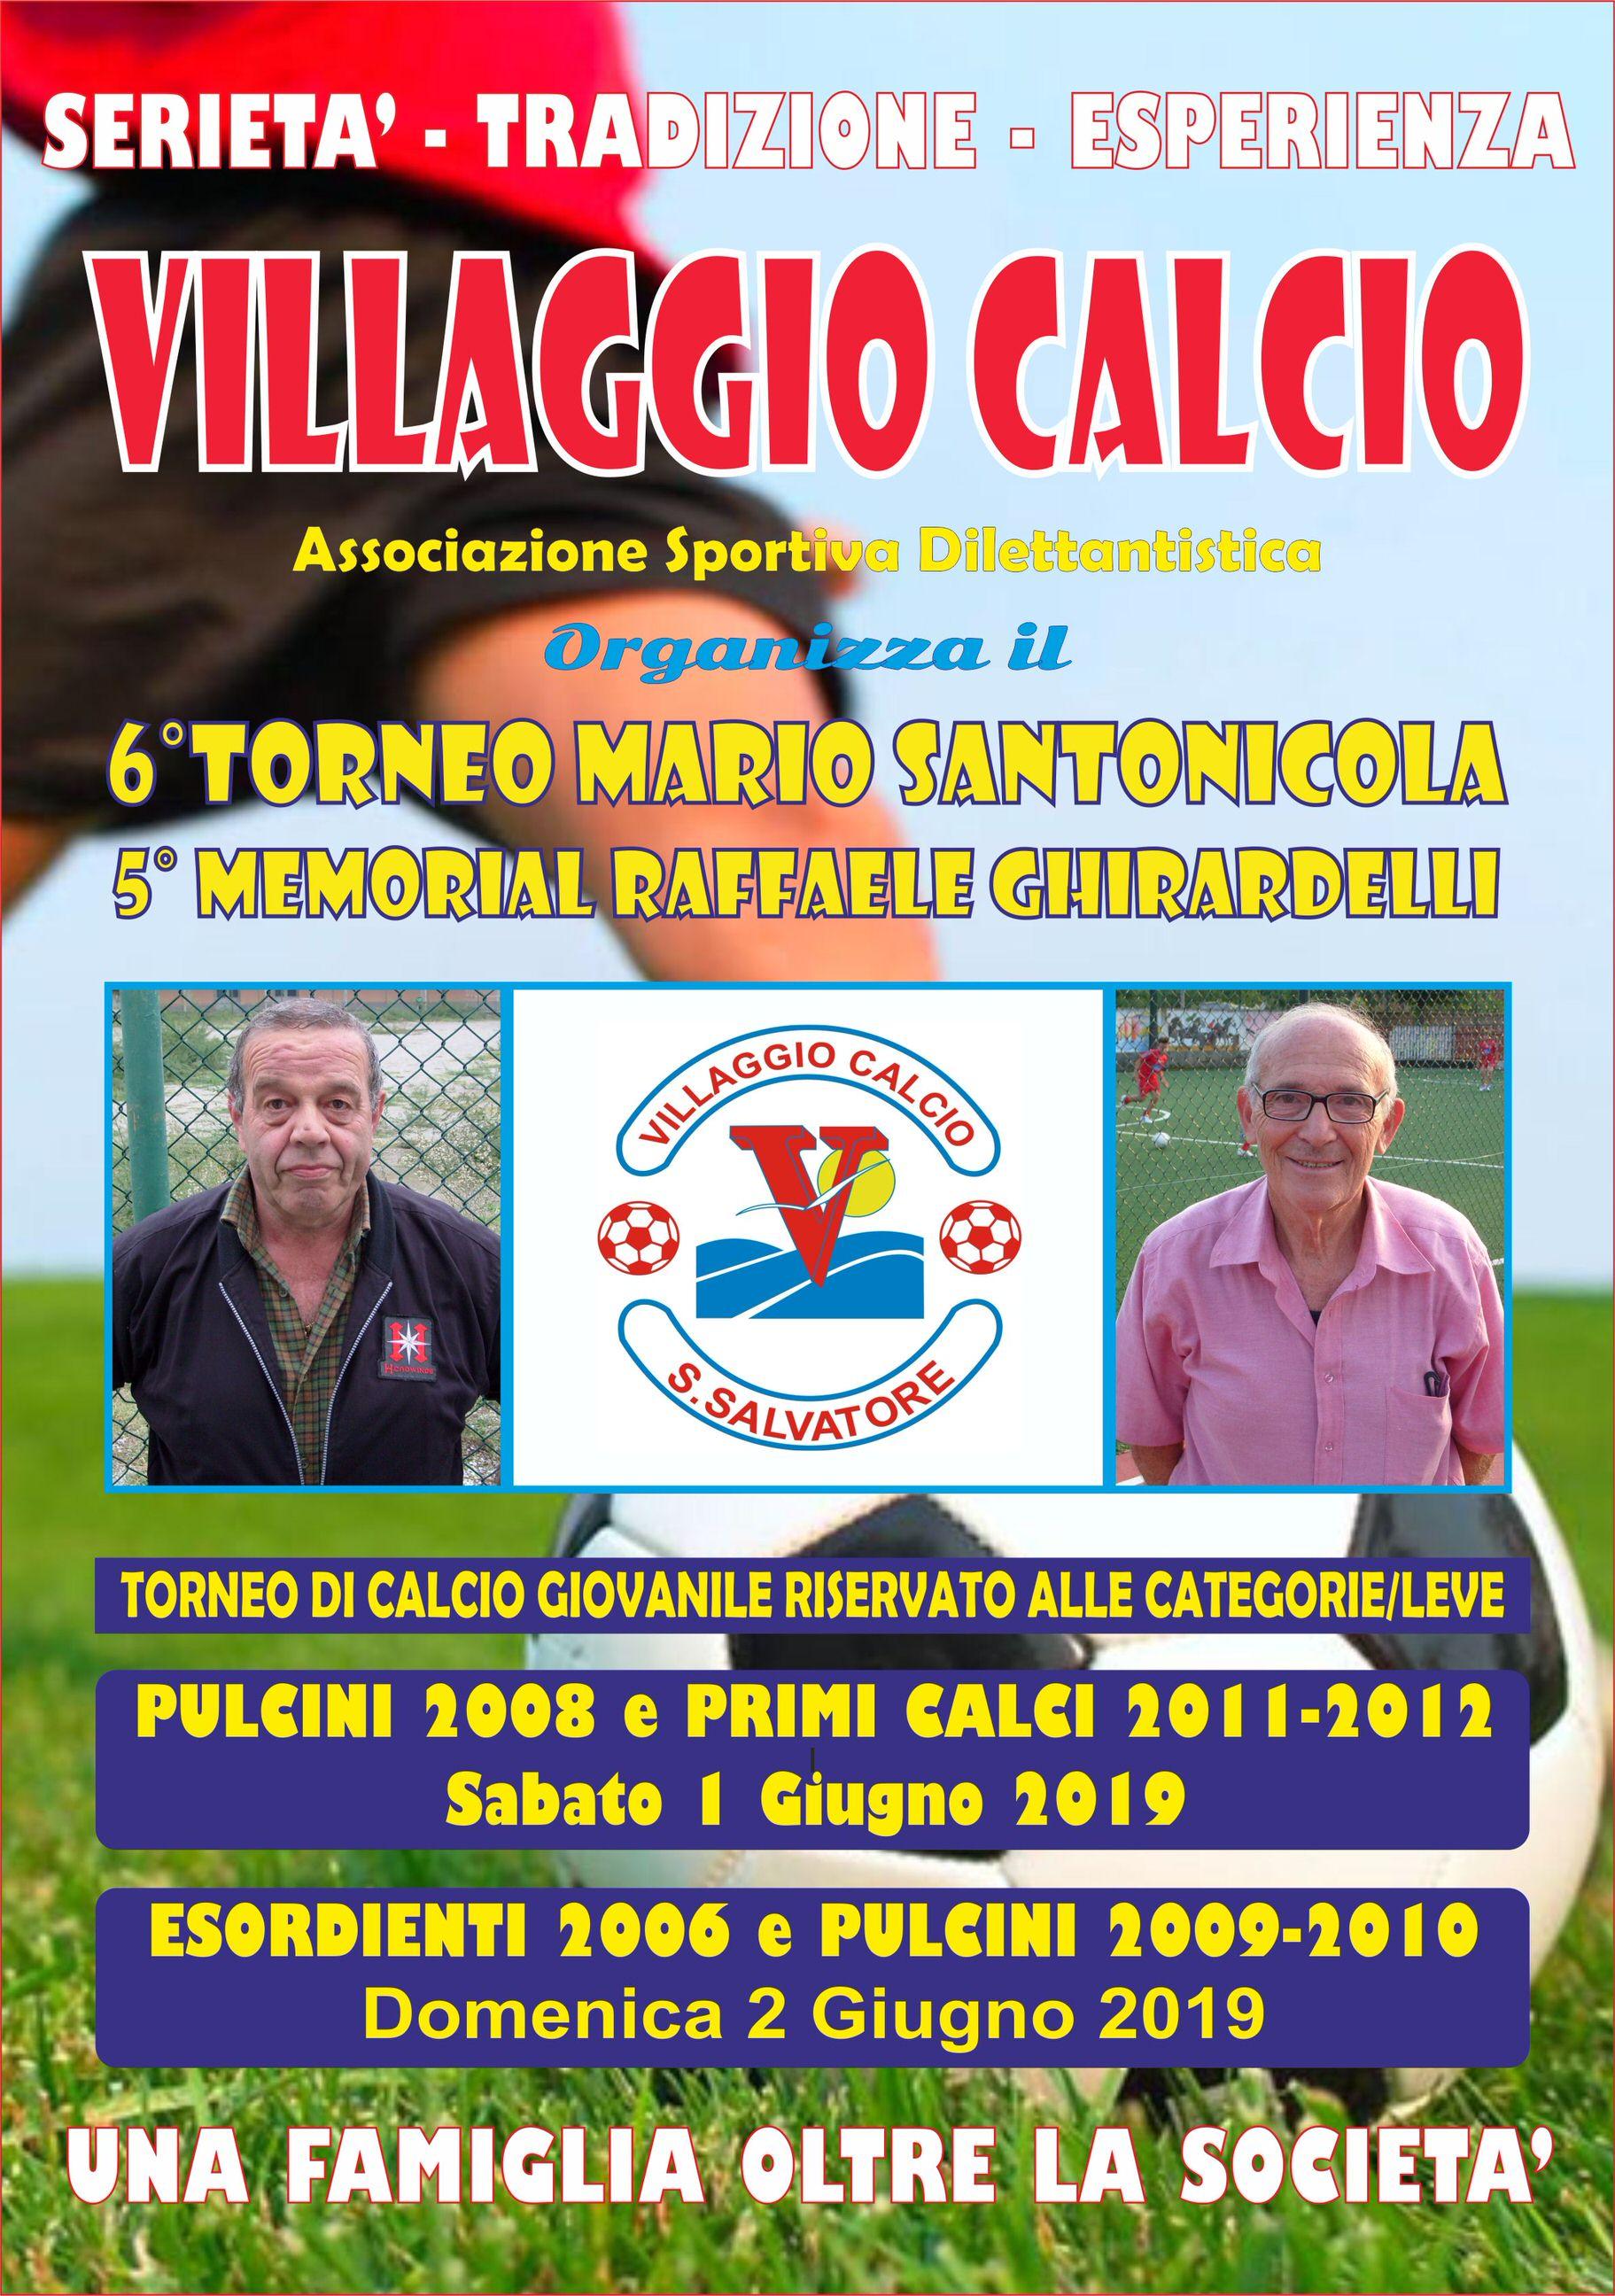 Villaggio Calcio: 6° Torneo Mario Santonicola – 5° Memorial Raffaele Ghirardelli sabato 1 e domenica 2 giugno 2019